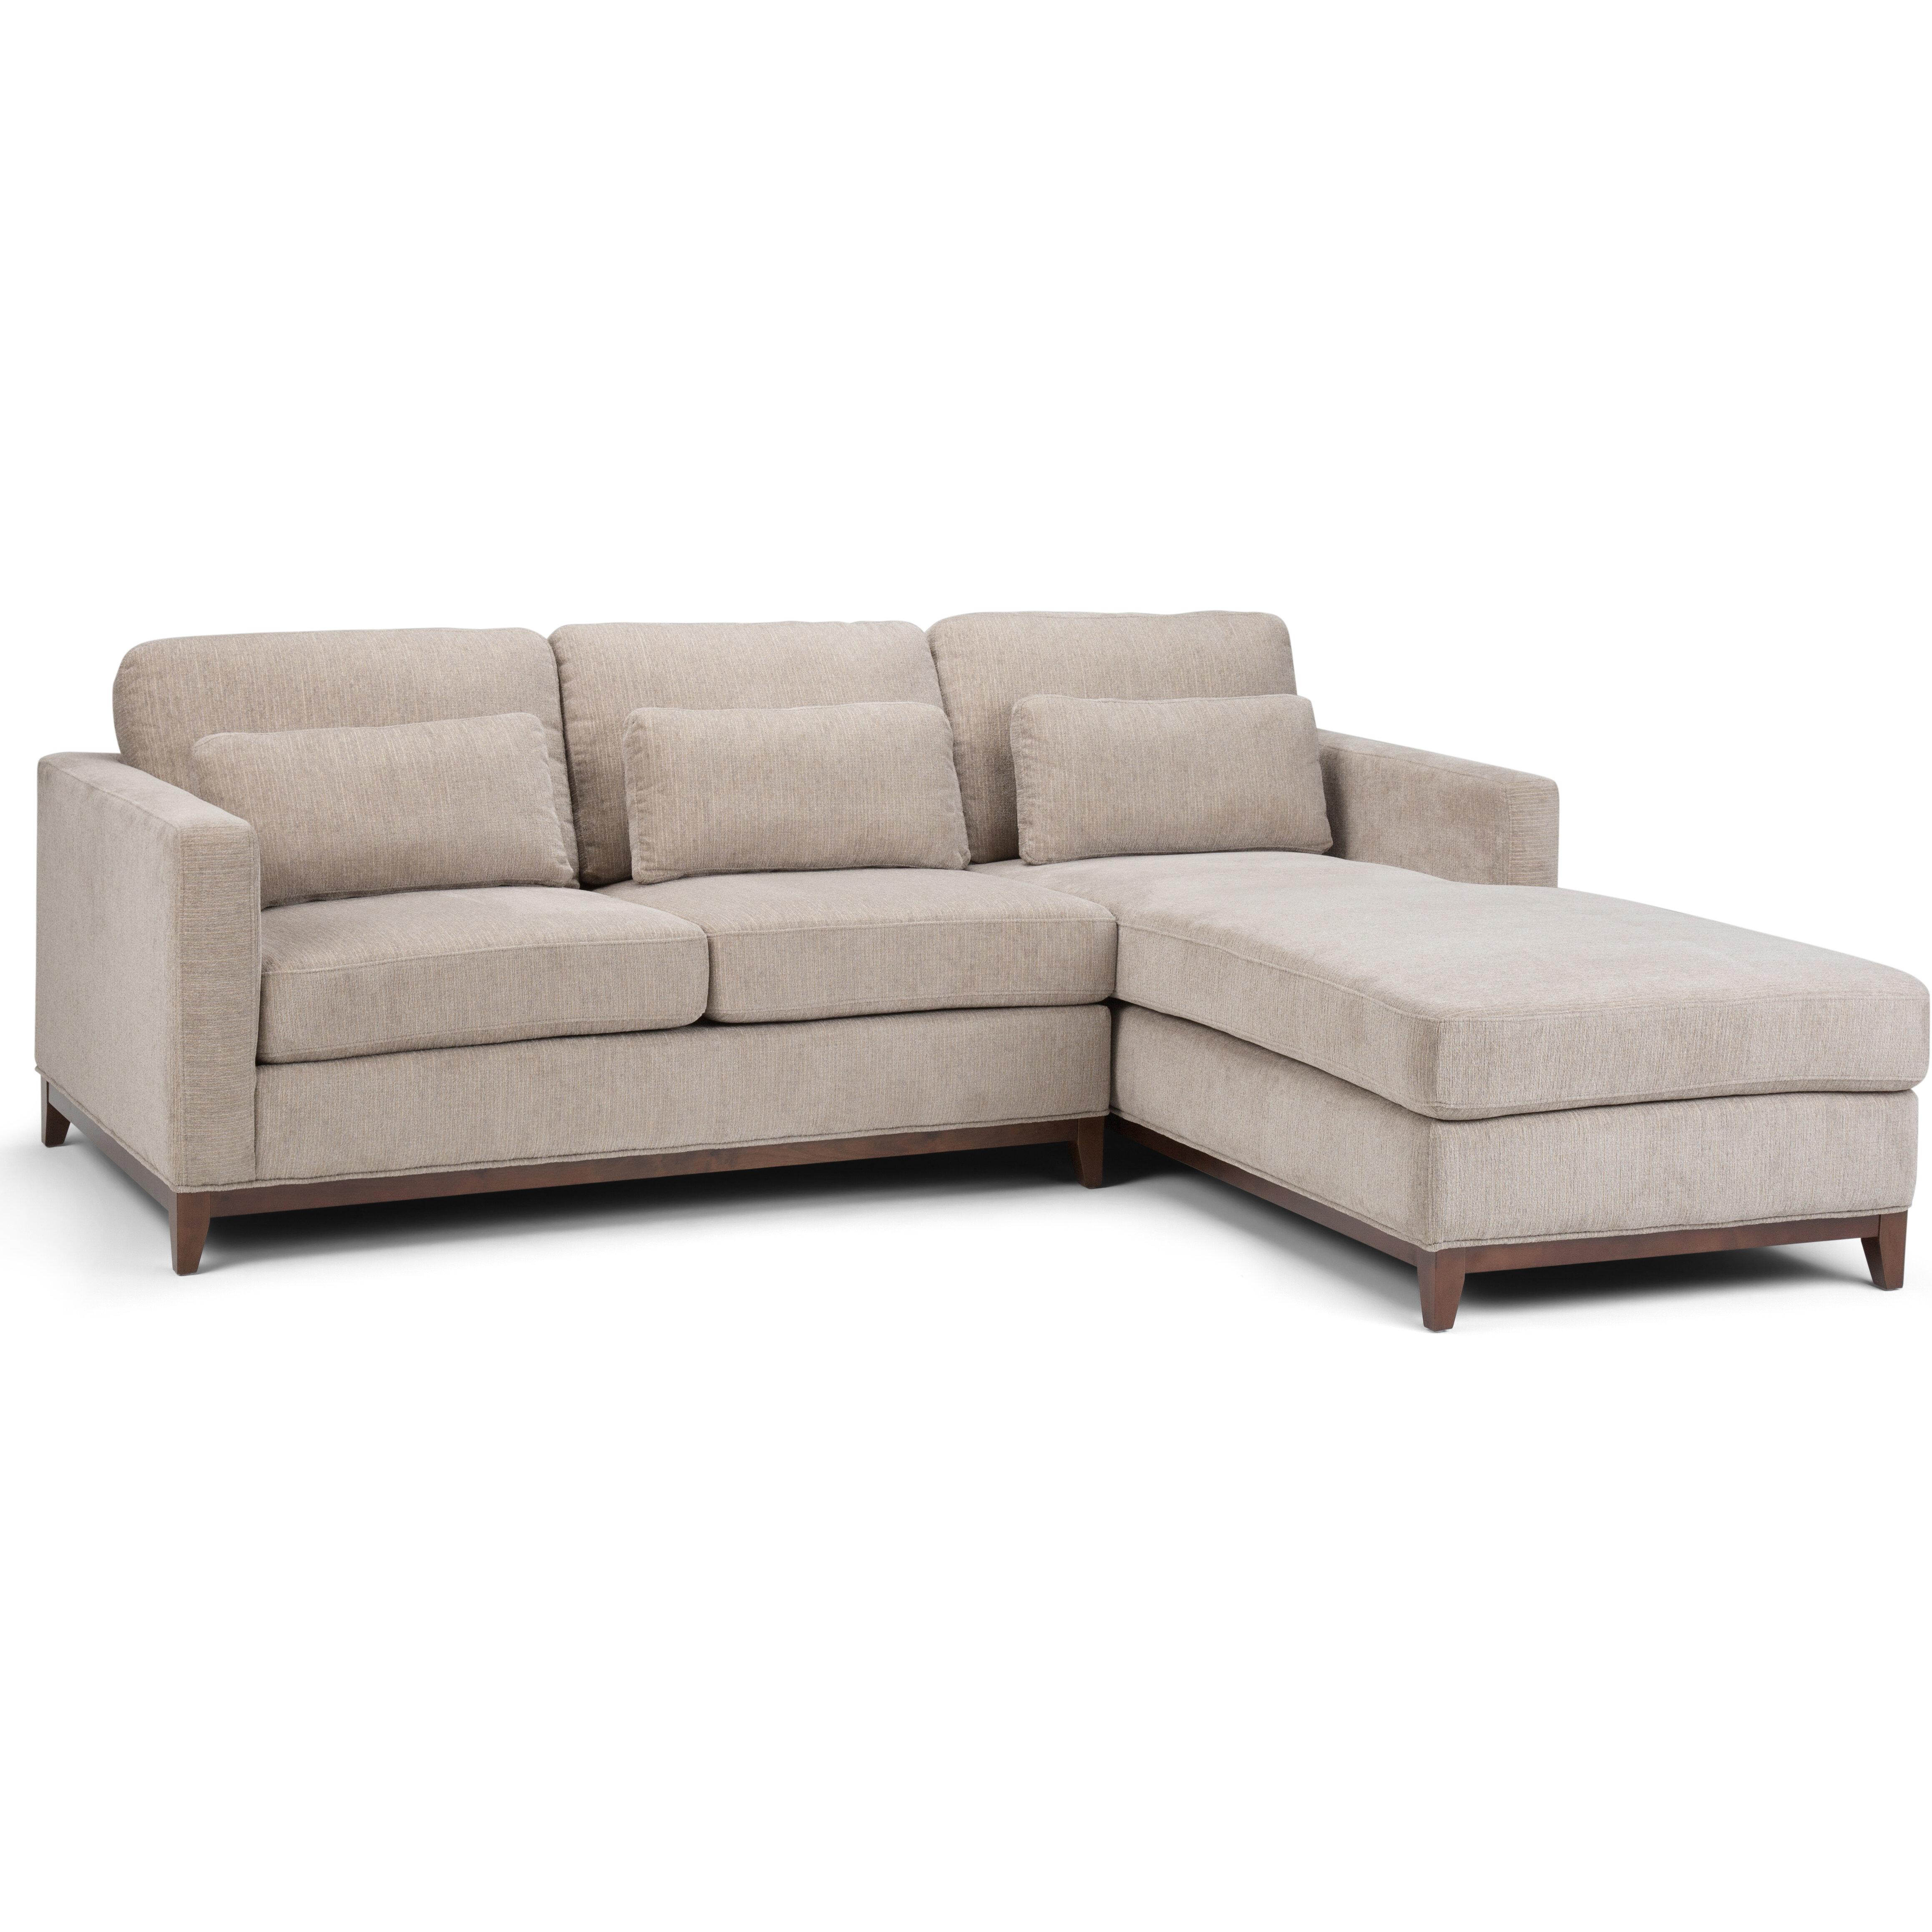 Petra Modular Corner Sofa